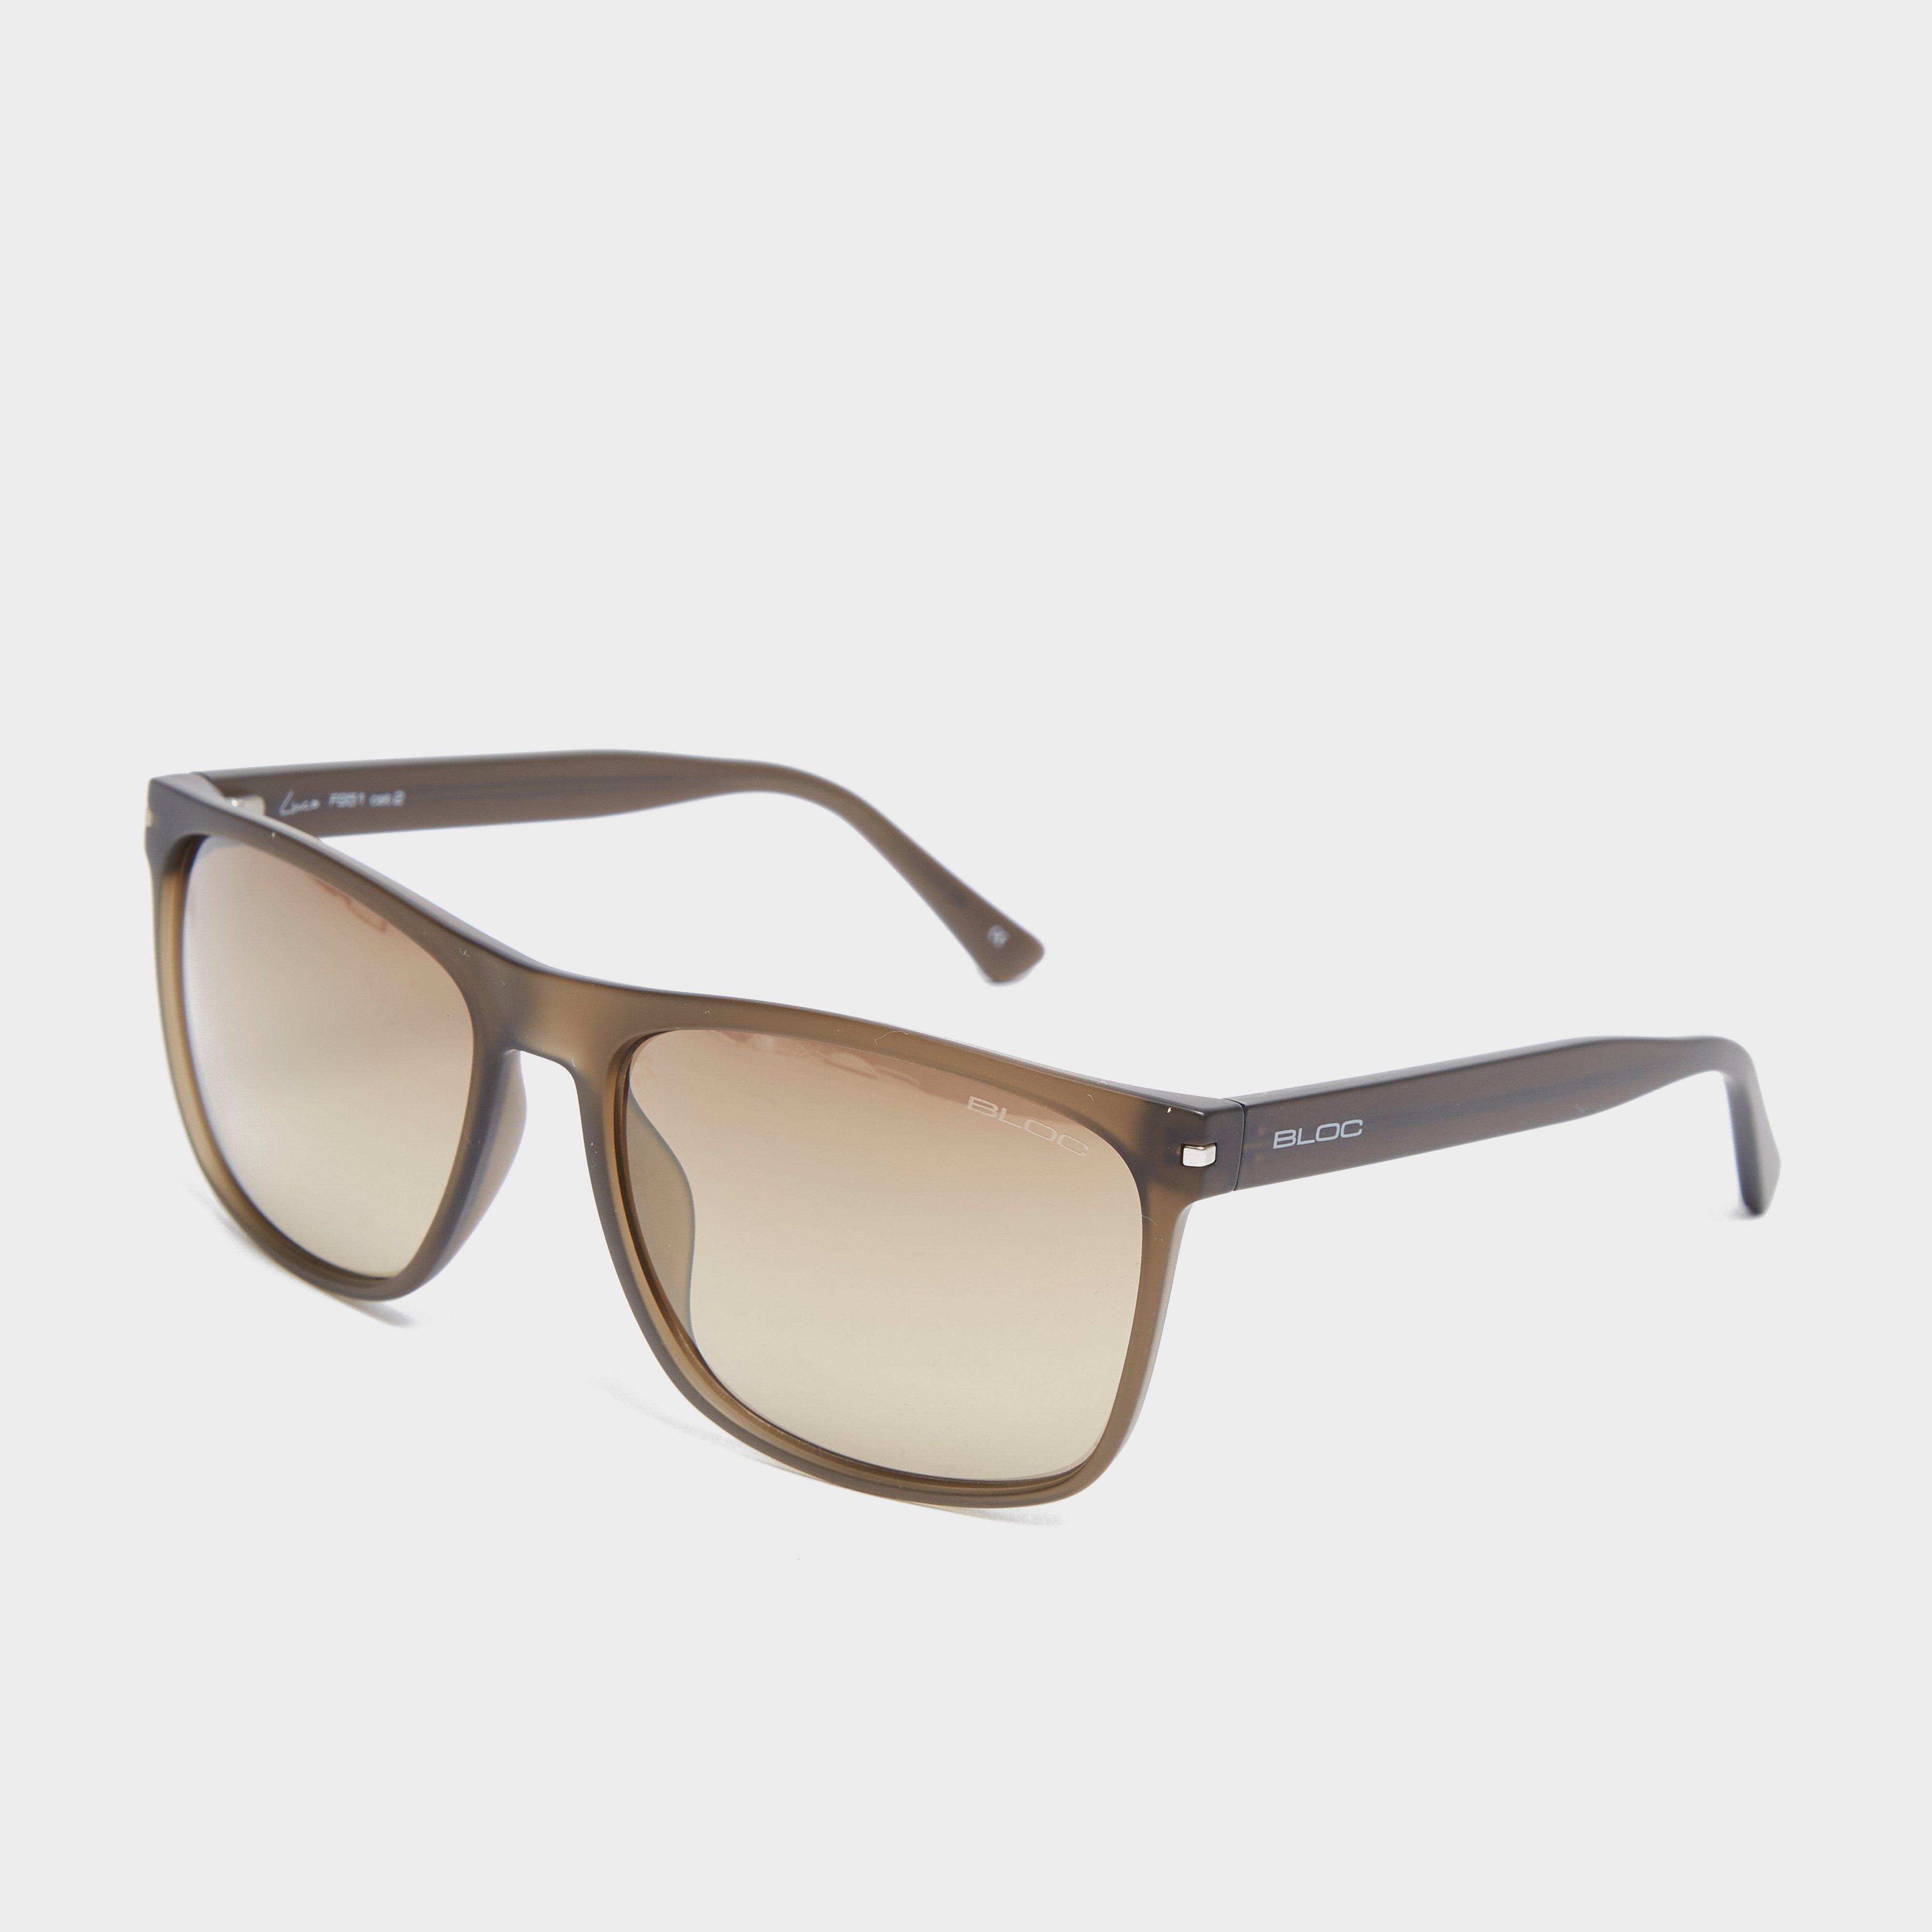 Bloc Bloc Luca F951 Sunglasses - Brown, Brown